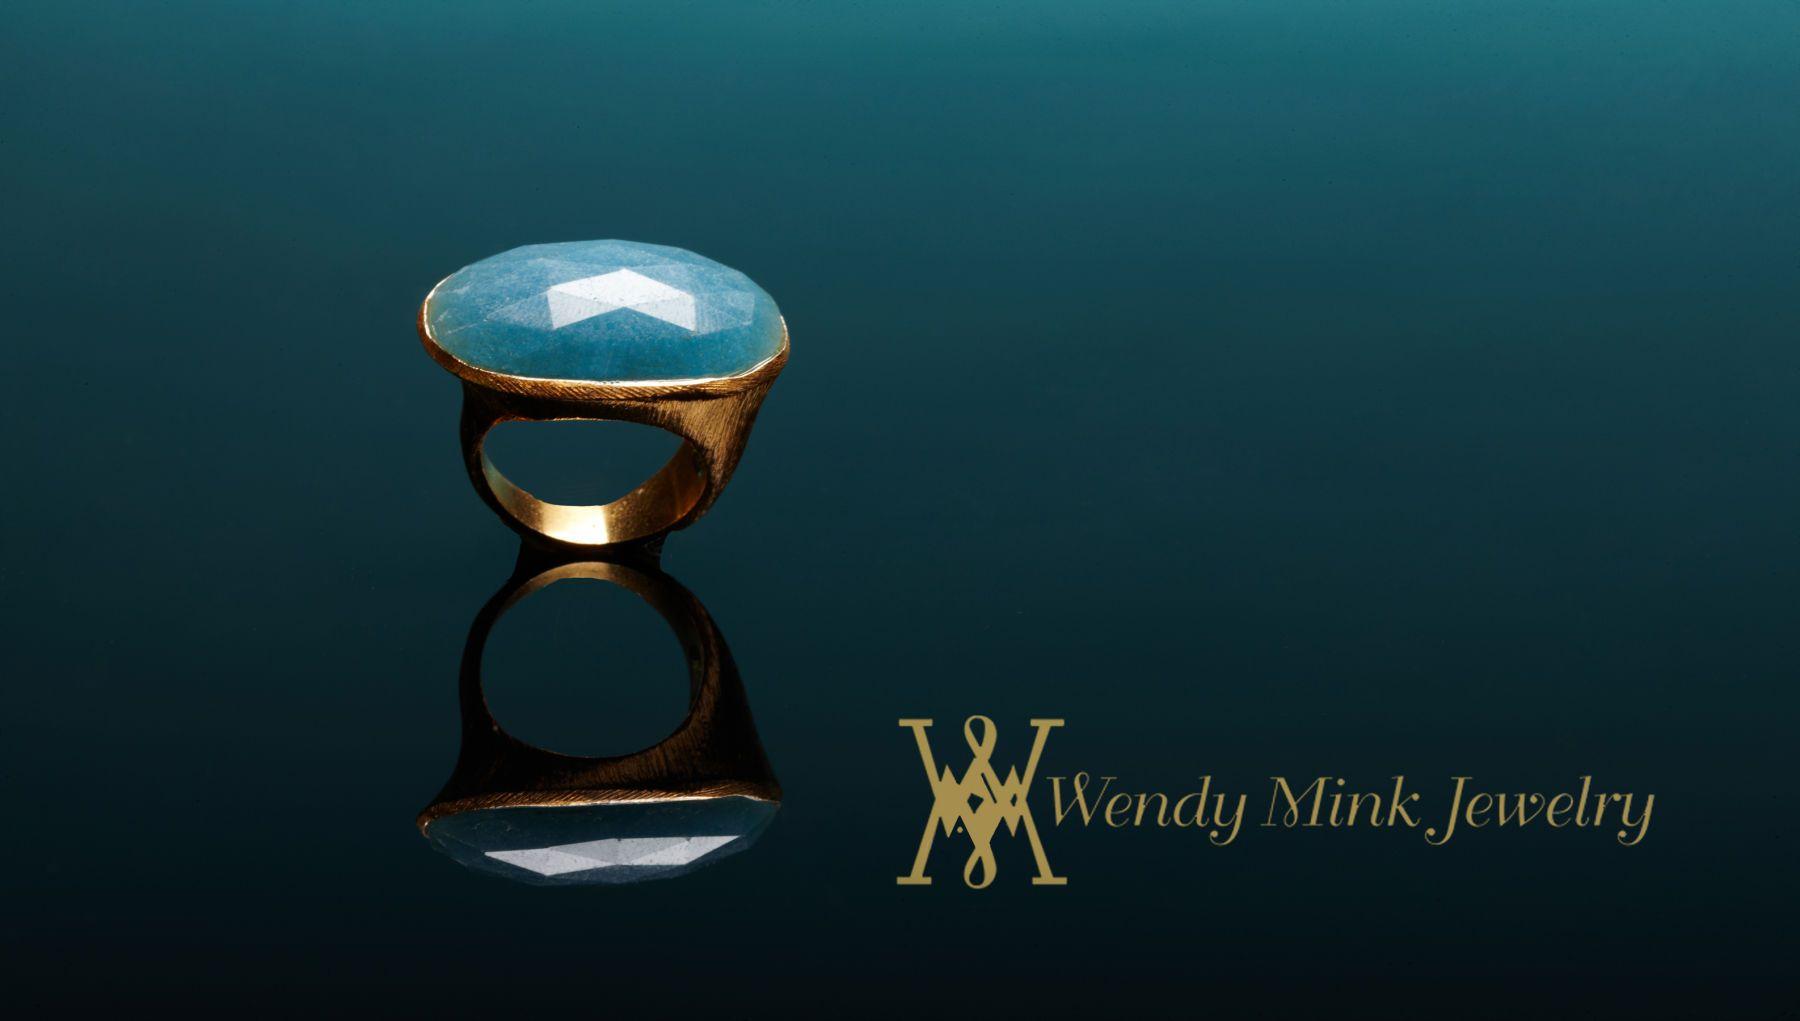 1r110420_jewelry_wendymink_s03_042.jpg